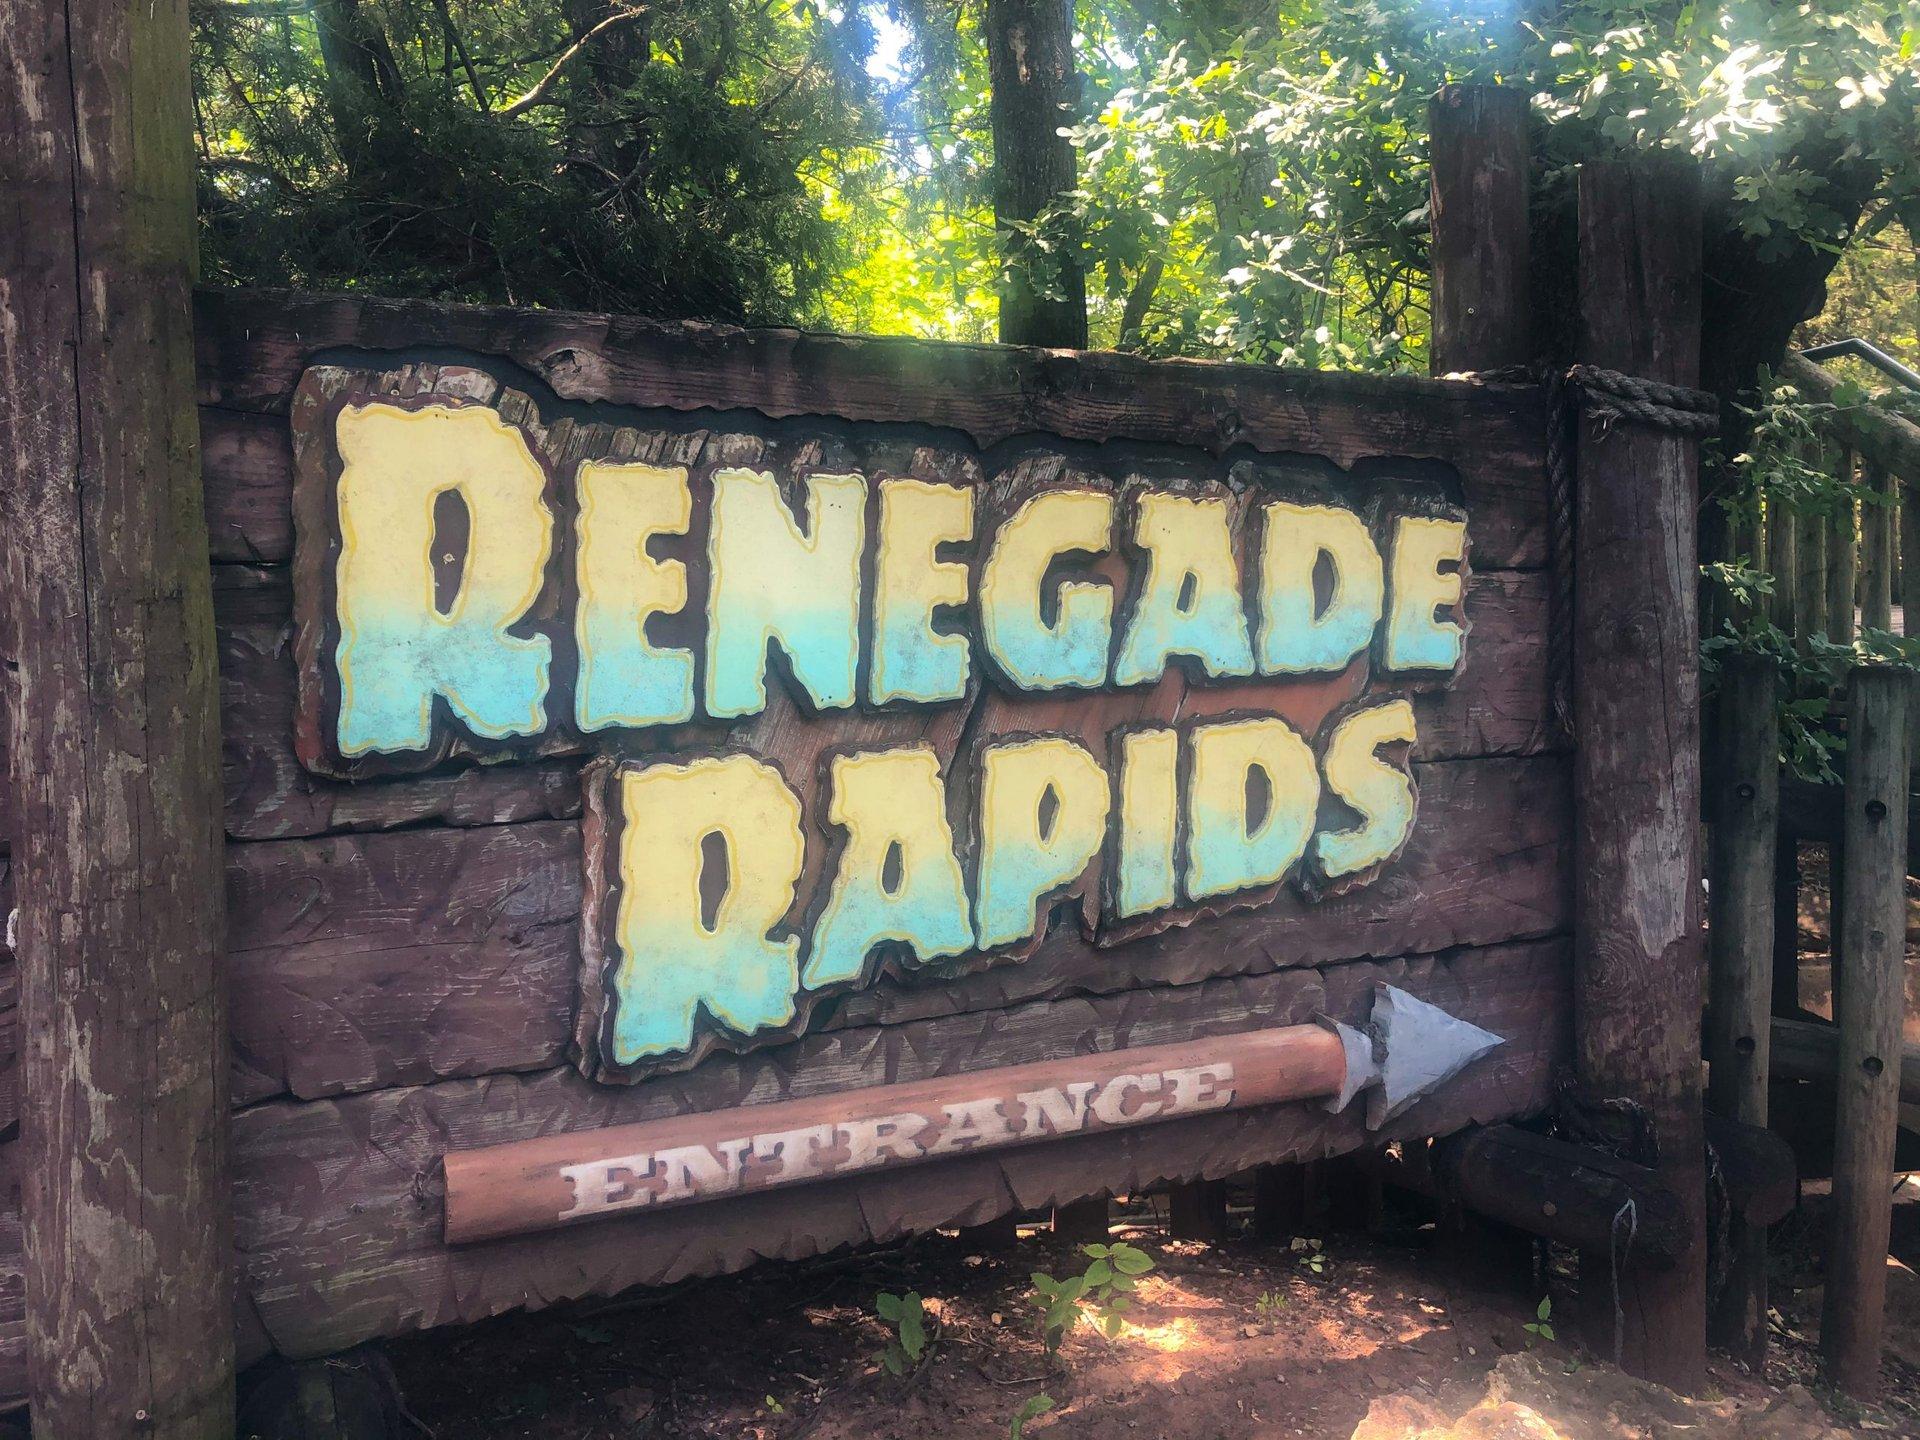 Renegade Rapids Frontier City sign